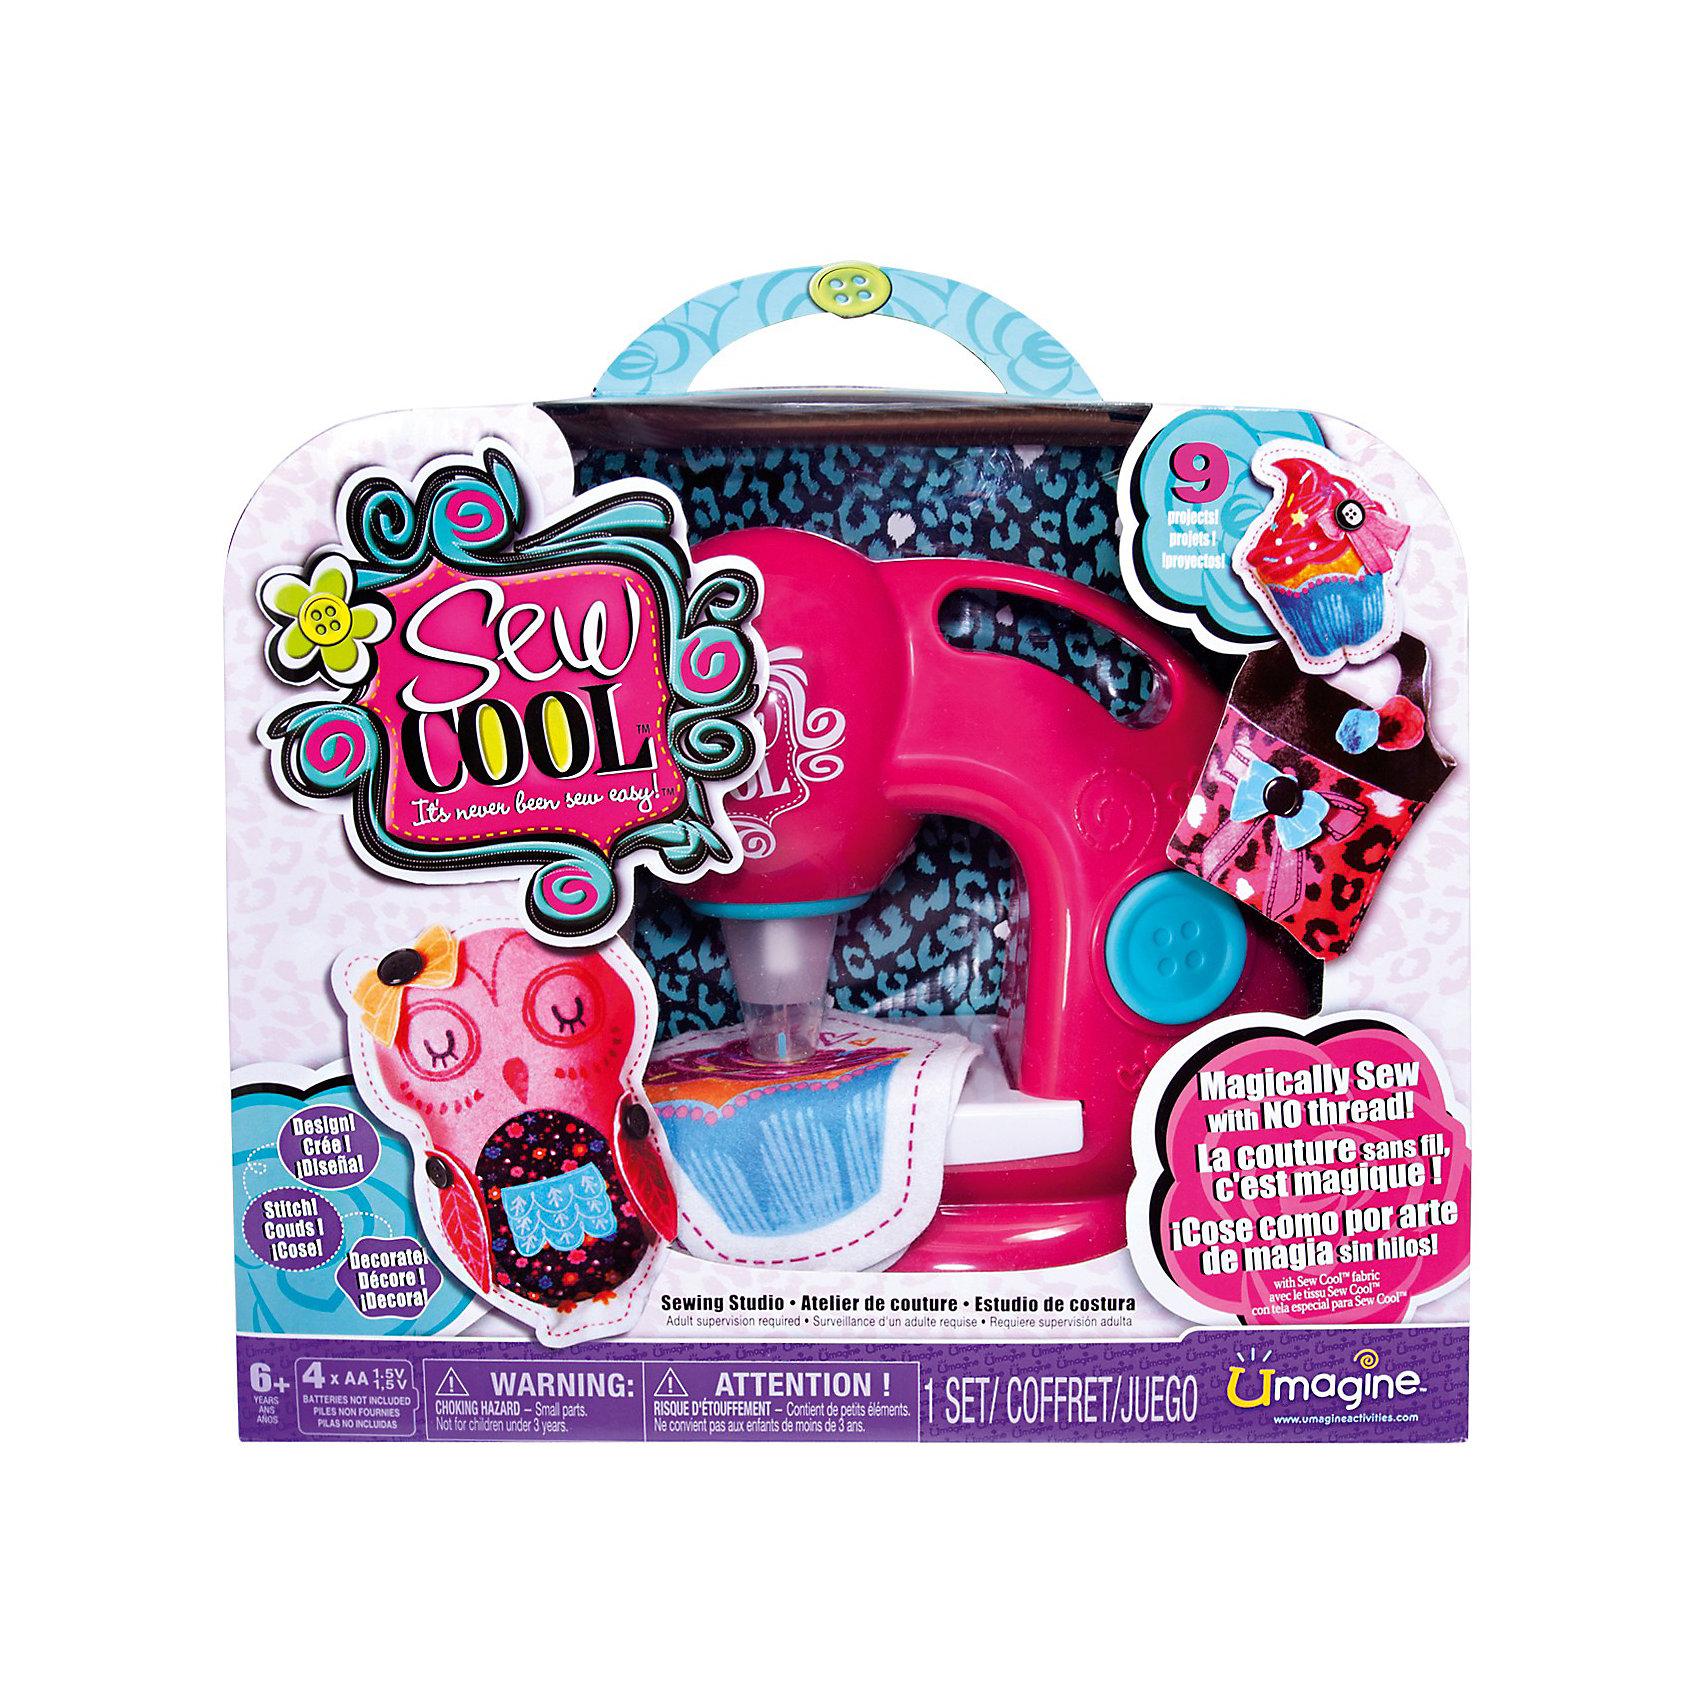 Швейная машинка, Sew CoolШитьё<br>Швейная машинка Sew Cool, Spin Master (Спин Мастер) станет замечательным подарком для юной рукодельницы. С помощью этой машинки она быстро научится шить и моделировать различные поделки, аксессуары и игрушки.<br><br>Машинка шьет без ниток, «пробивая» ткань. Для использования машинки подходит только ткань из наборов Sew Cool.Маленькой рукодельнице не нужно управляться со шпульками и катушками, завязывать и распутывать узлы. Достаточно лишь нажать кнопку – и машинка Сью Кул быстро пробивает иголками ткань, надежно скрепляя ее волокна.<br><br>Особенность машинки Sew Cool в том, что она полностью безопасна для детей, рабочая игла спрятана в специальном прозрачном футляре, отсутствуют режущие или колющие детали. Чтобы начать работу достаточно лишь разложить ткань на рабочей поверхности машинки и нажать на большую кнопочку на корпусе. В процессе работы игла машинки много раз пронизывает ткань, надежно скрепляя ее между собой.<br><br>В комплект также входят детали для создания первых поделок: выкройки, кусочки ткани для создания игрушек, тканевые аппликации и  многое другое. Легко освоив с помощью машинки простые поделки, девочка сможет создавать свои оригинальные модели сумочек, кошельков, мягких игрушек и многое другое. Детская швейная машинка Sew Cool способствует развитию у ребенка координации, глазомера, моторики пальцев и воображения.<br><br>Дополнительная информация:<br><br>- В комплекте: швейная машинка, 8 кусочков ткани 19,5 х 14 см., заготовки ткани для 3 игрушек, 3 бумажные выкройки,  лента, 14 маленьких тканевых аппликаций (цветочки), 8   пуговиц, ватин для наполнения игрушек, инструкция.<br>- Материал: высококачественная пластмасса, металл, текстиль.<br>- Требуются батарейки: 4 x AA / LR06 1.5V (пальчиковые) (не входят в комплект).<br>- Размер: 34 х 29 х 12 см.<br>- Вес: 1,2 кг.<br><br>Швейную машинку Sew Cool, Spin Master (Спинмастер) можно купить в нашем интернет-магазине.<br><br>Ширина мм: 340<br>Глубина мм: 280<br>Высота м